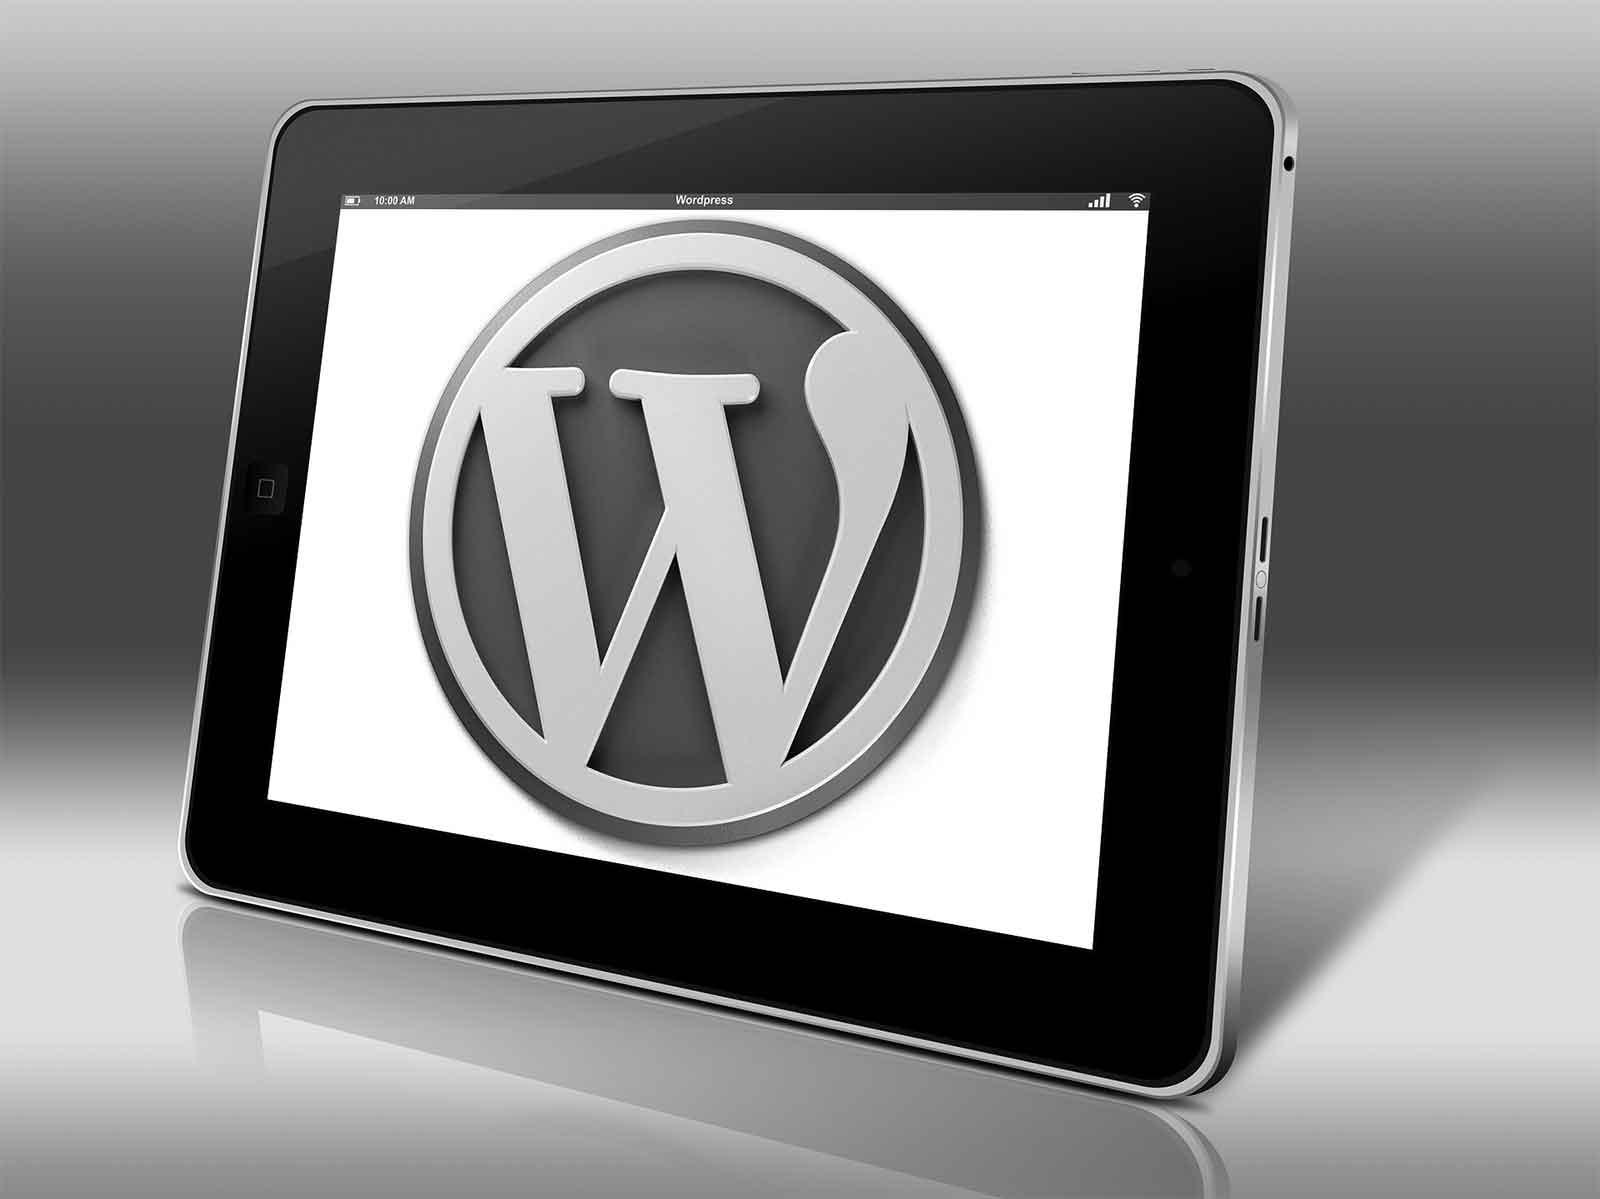 2단계: 홈페이지 웹사이트 만들기 – 워드프레스 & 테마